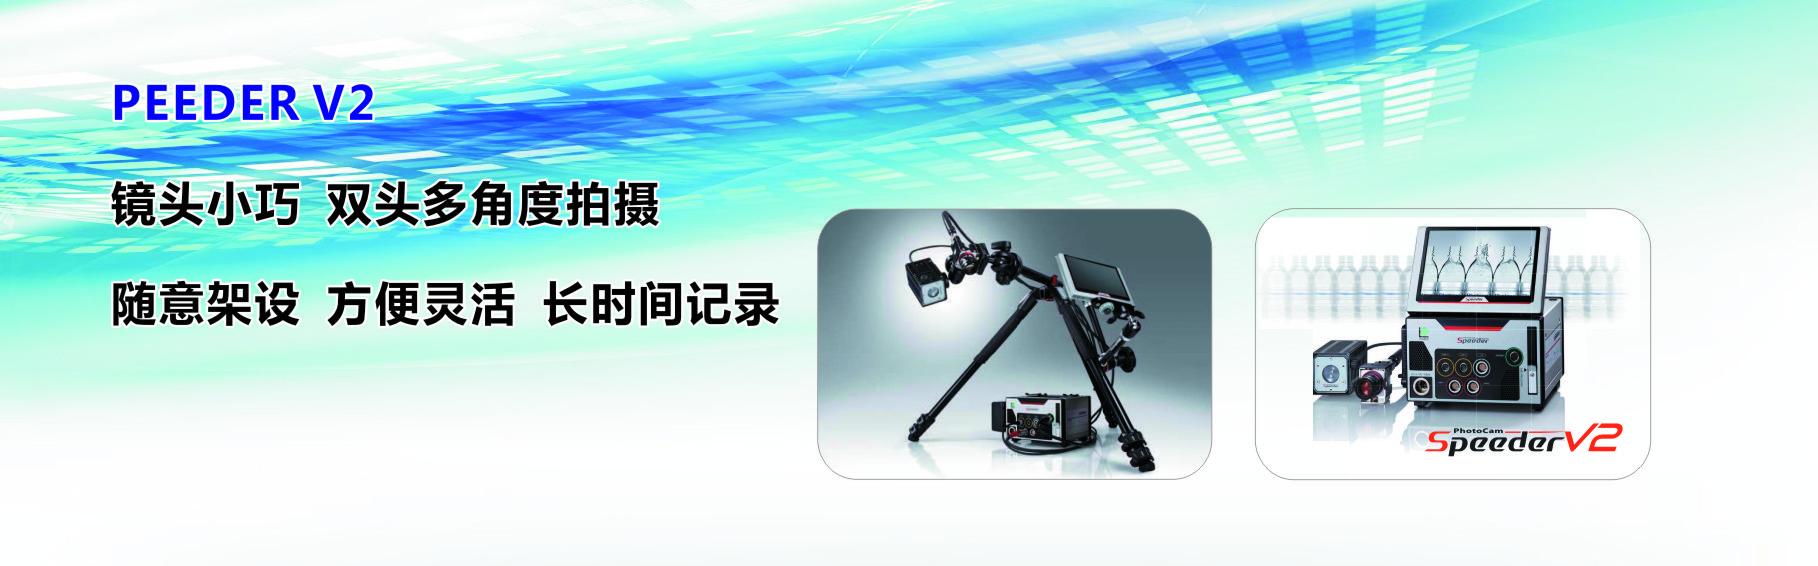 日本Photron高速摄像机 | 进口高速摄像机 | 工业高速摄像机